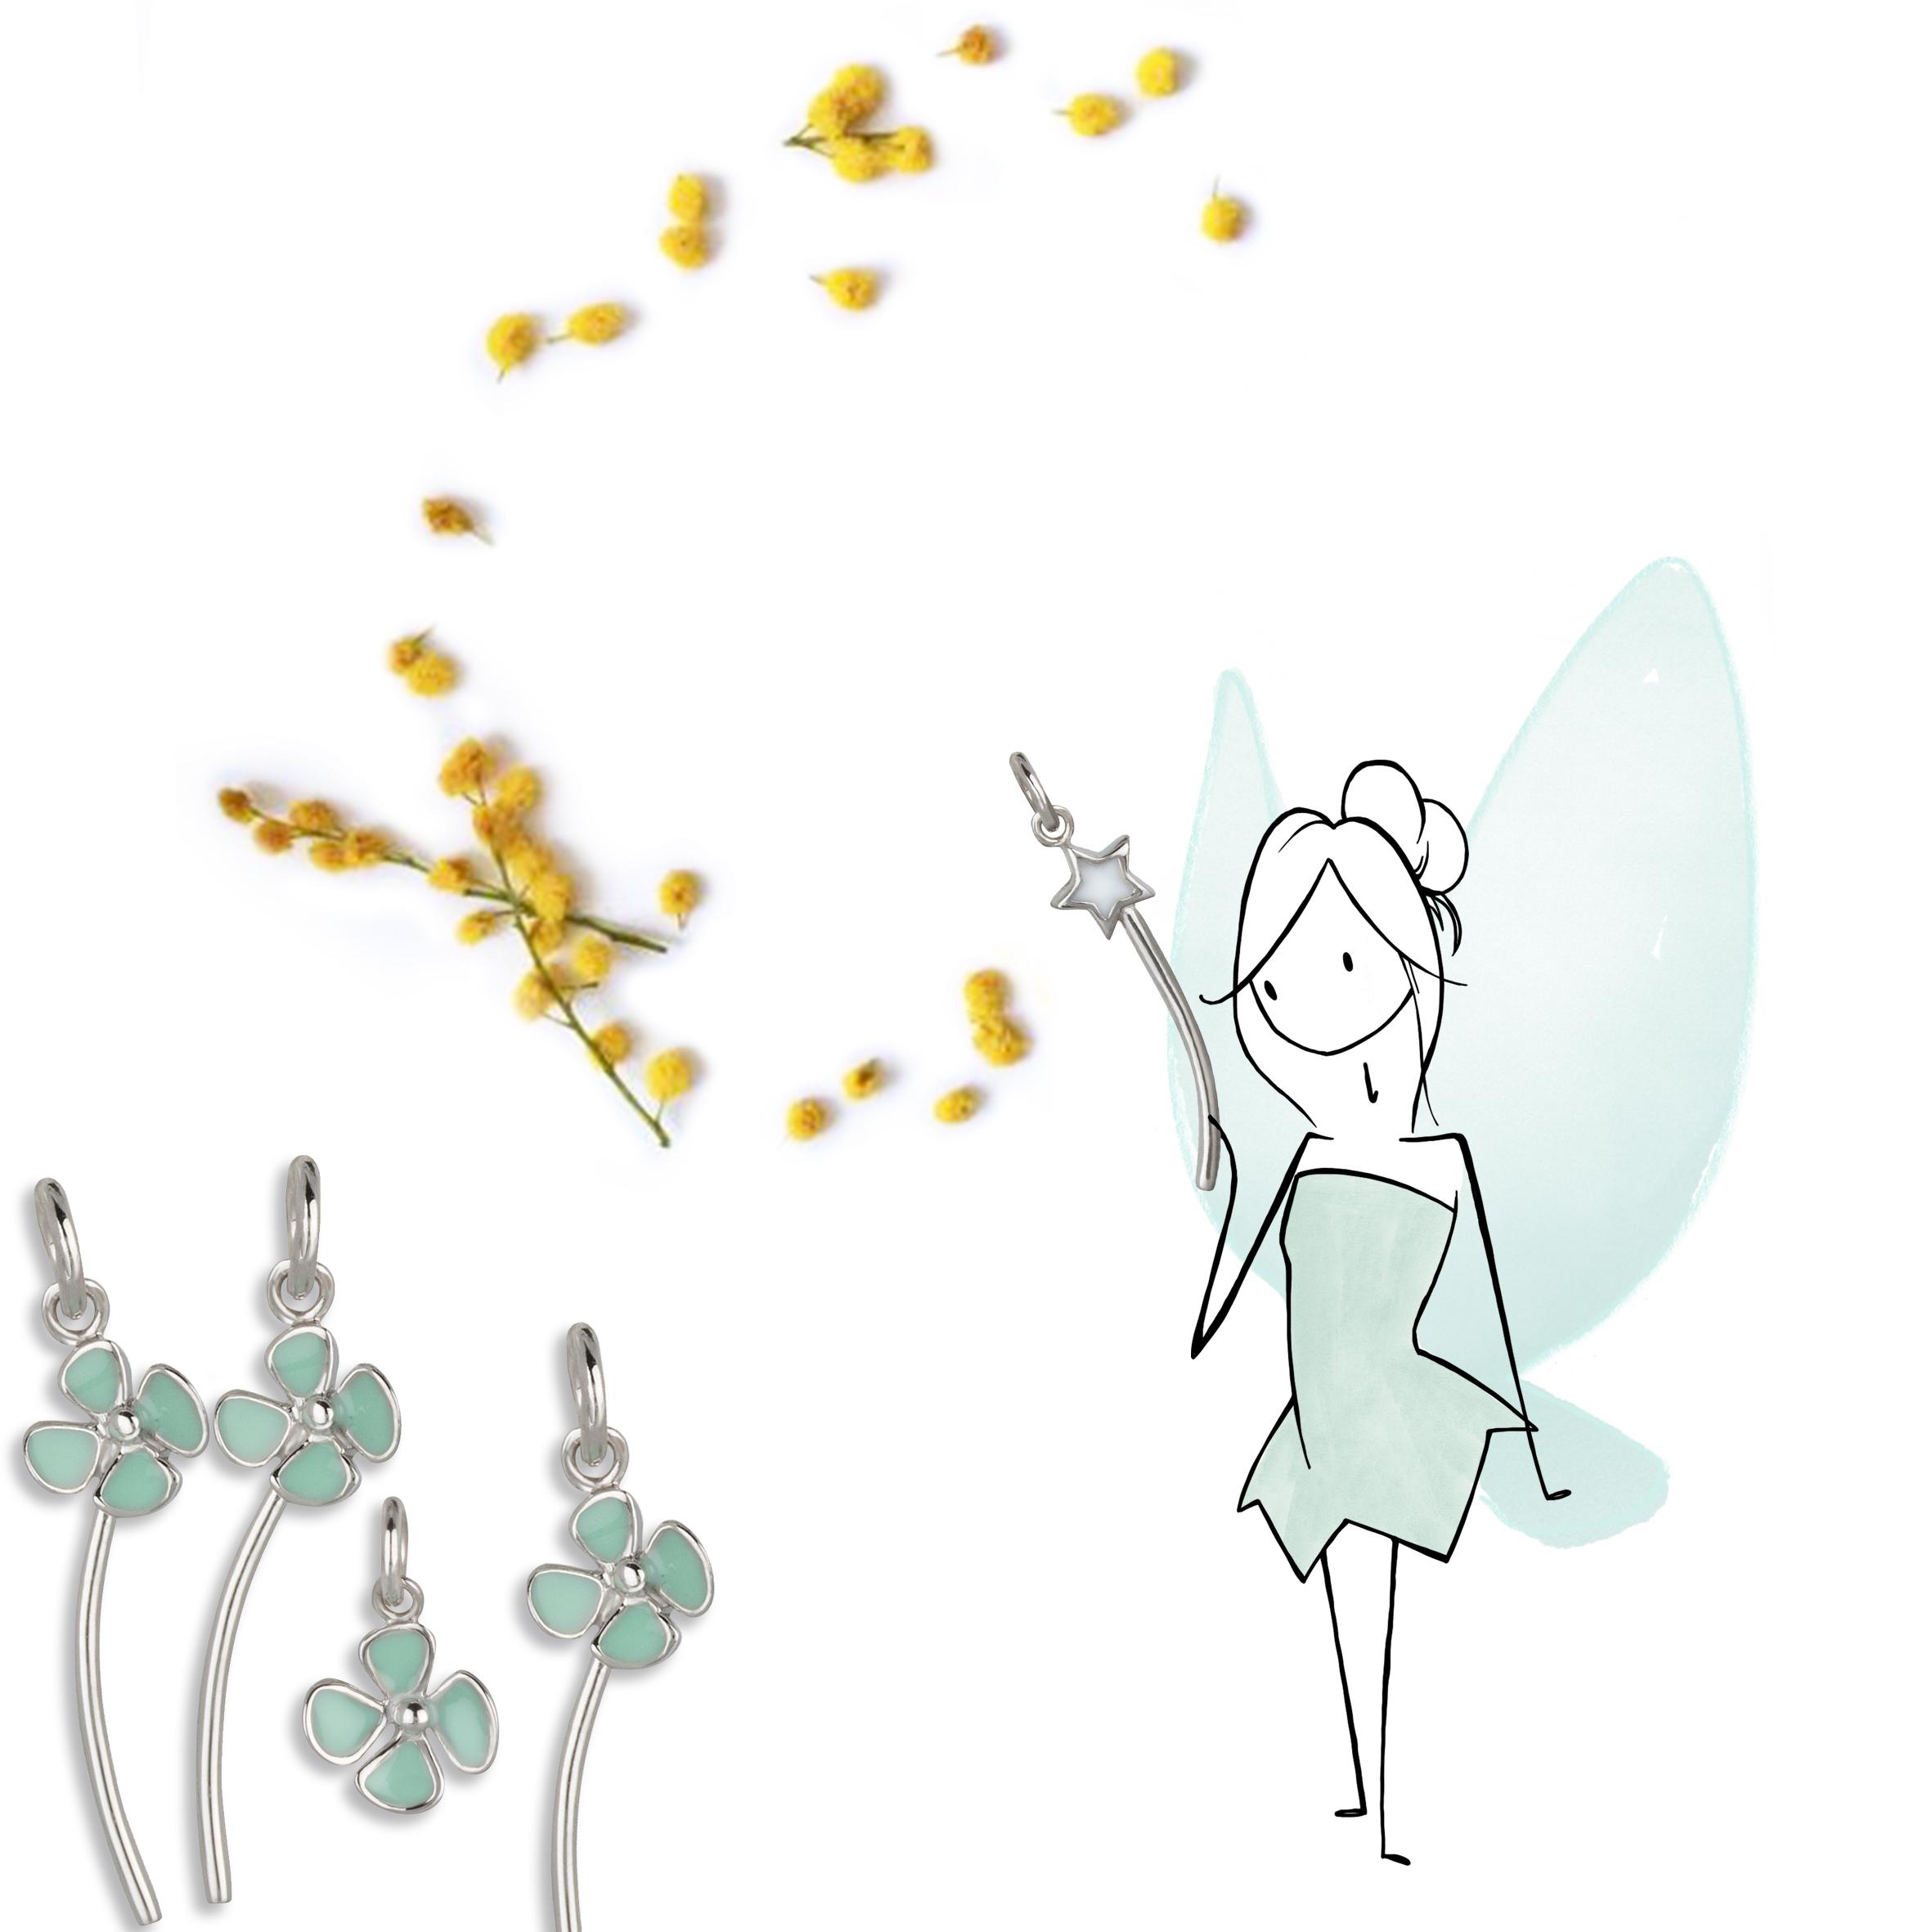 Gioielli illustrati come favole| oro, argento Virgola - Wonderlover